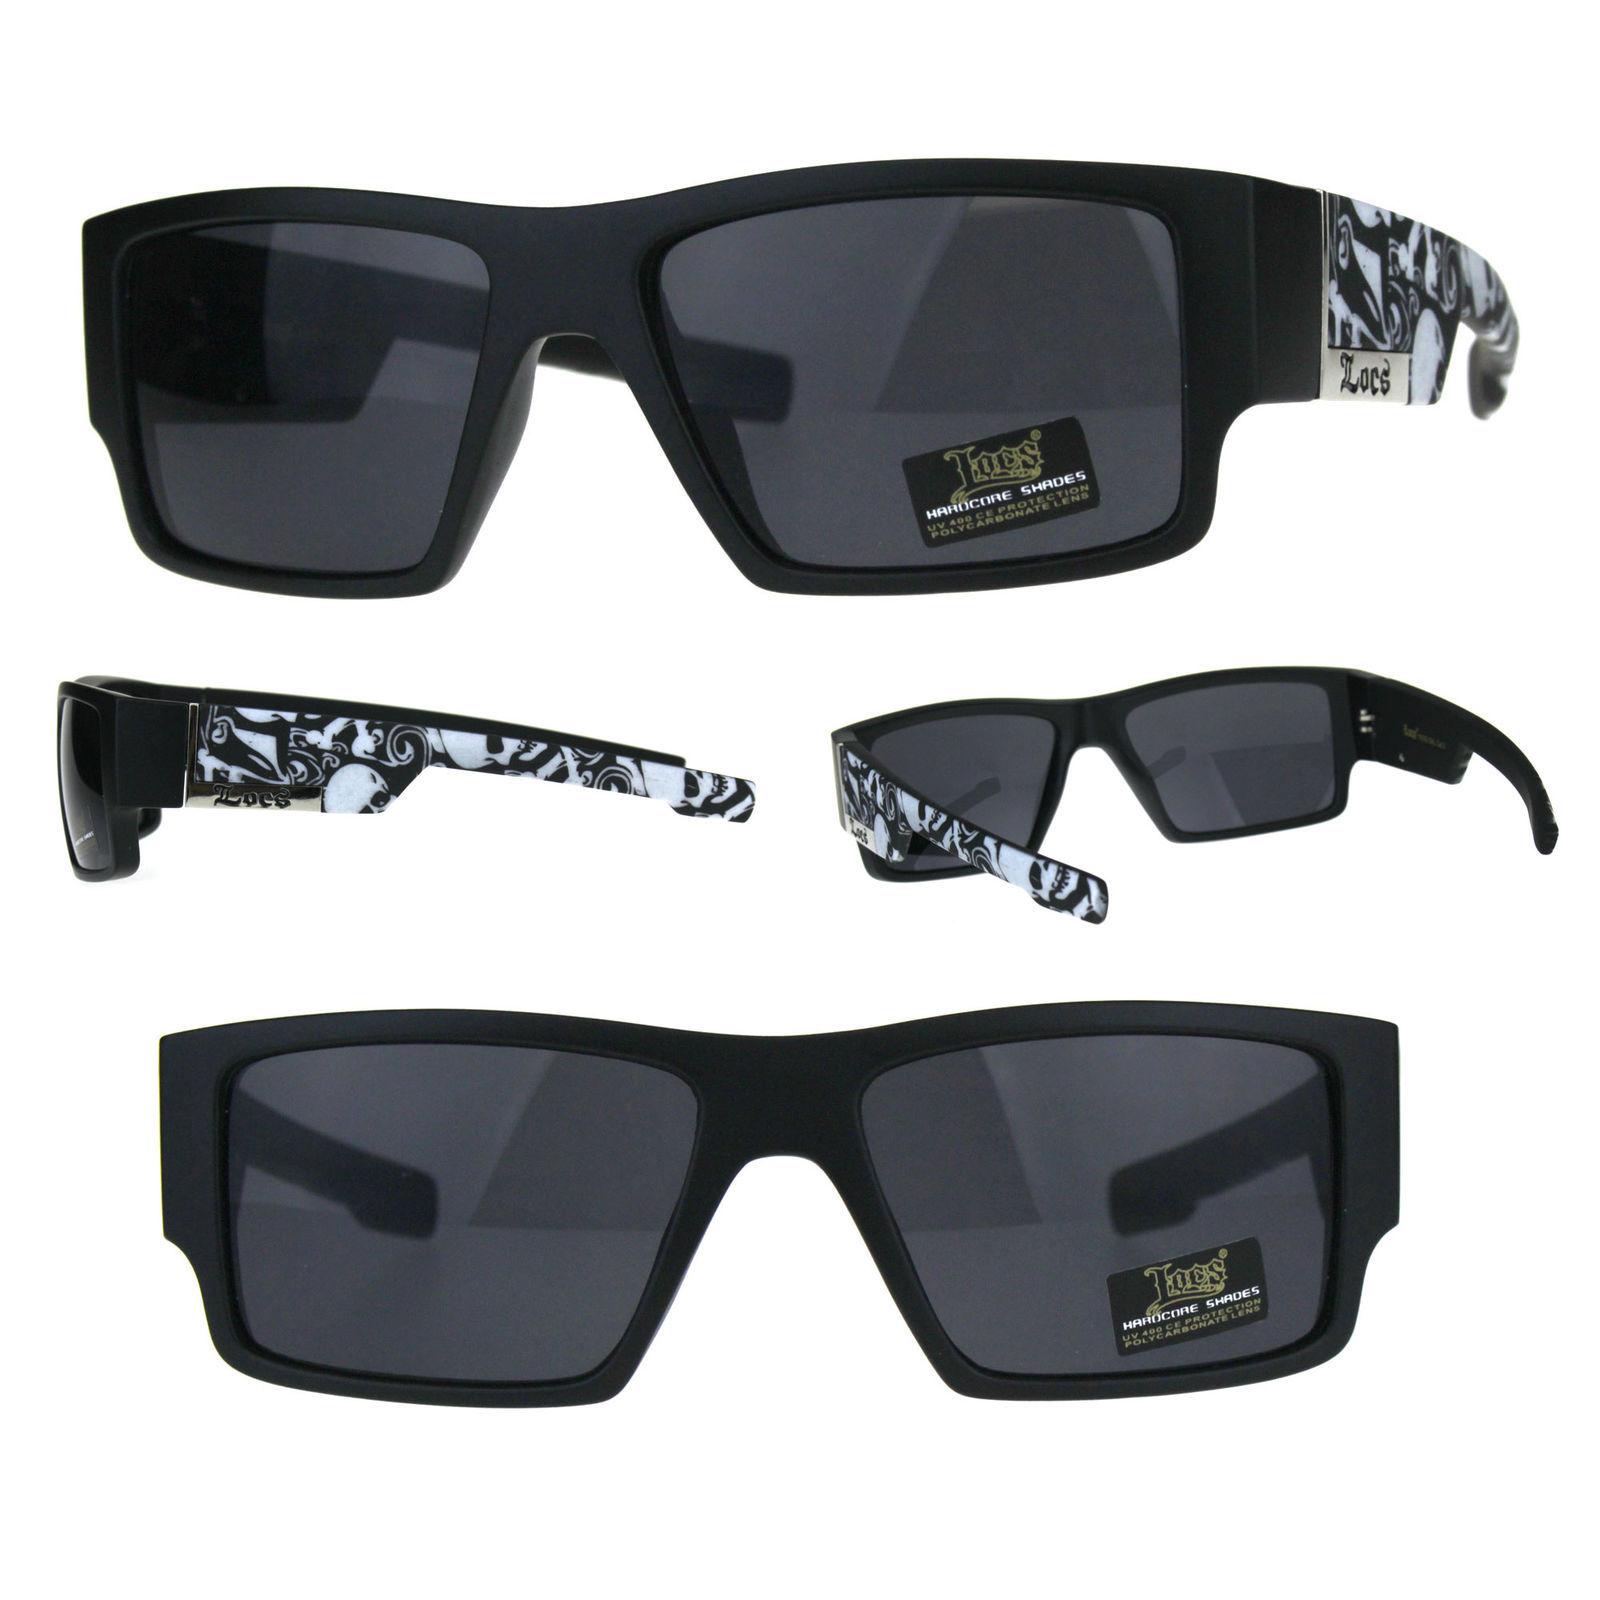 643a64d0ae3 S l1600. S l1600. Previous. Locs Mens Gangster Skull Print Arm Plastic Rectangular  Sunglasses All Black